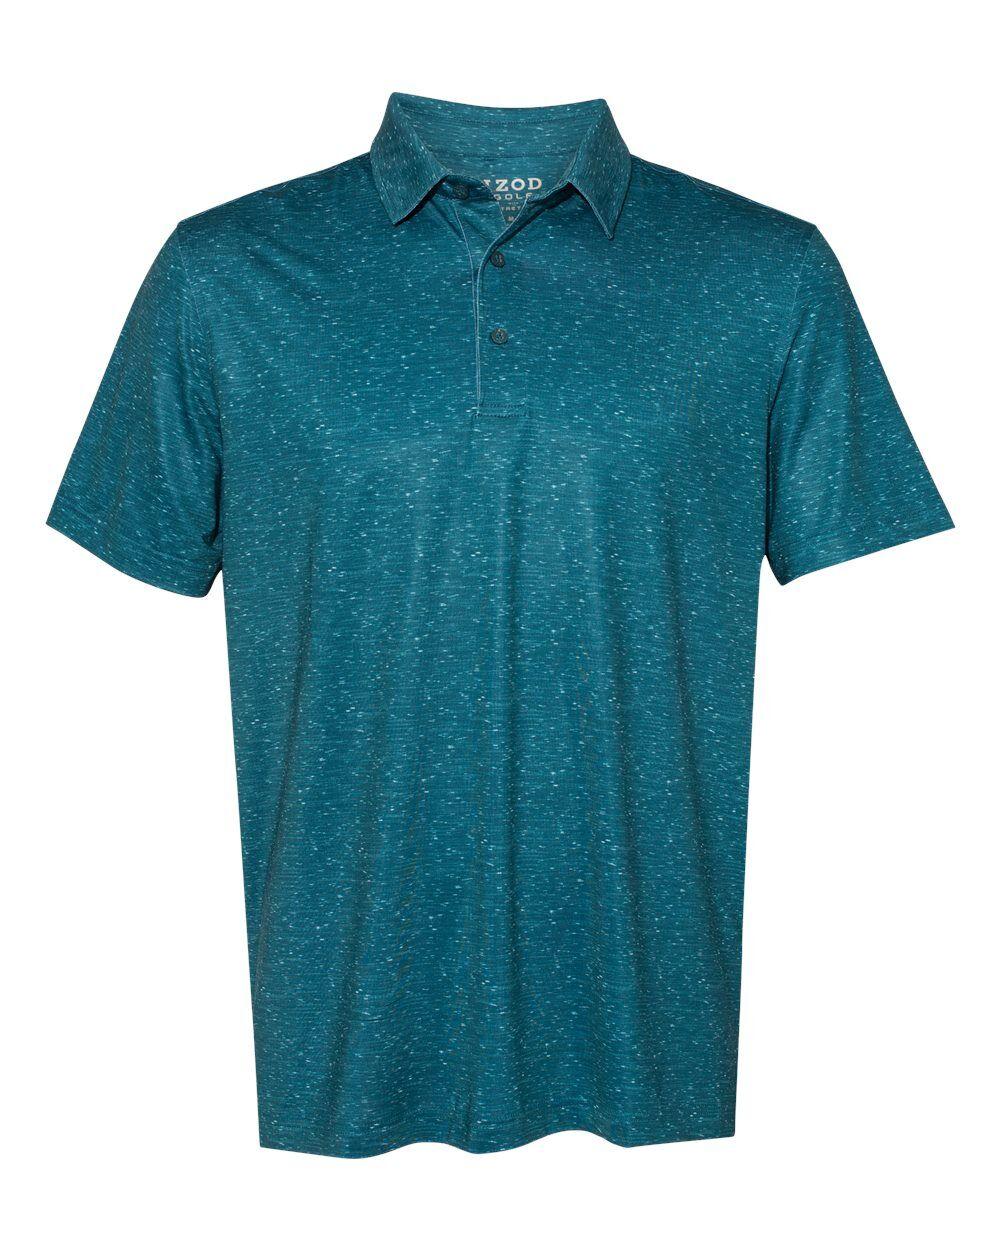 IZOD - Sublimated Confetti Sport Shirt - 13GG006 - Legion Blue - Large